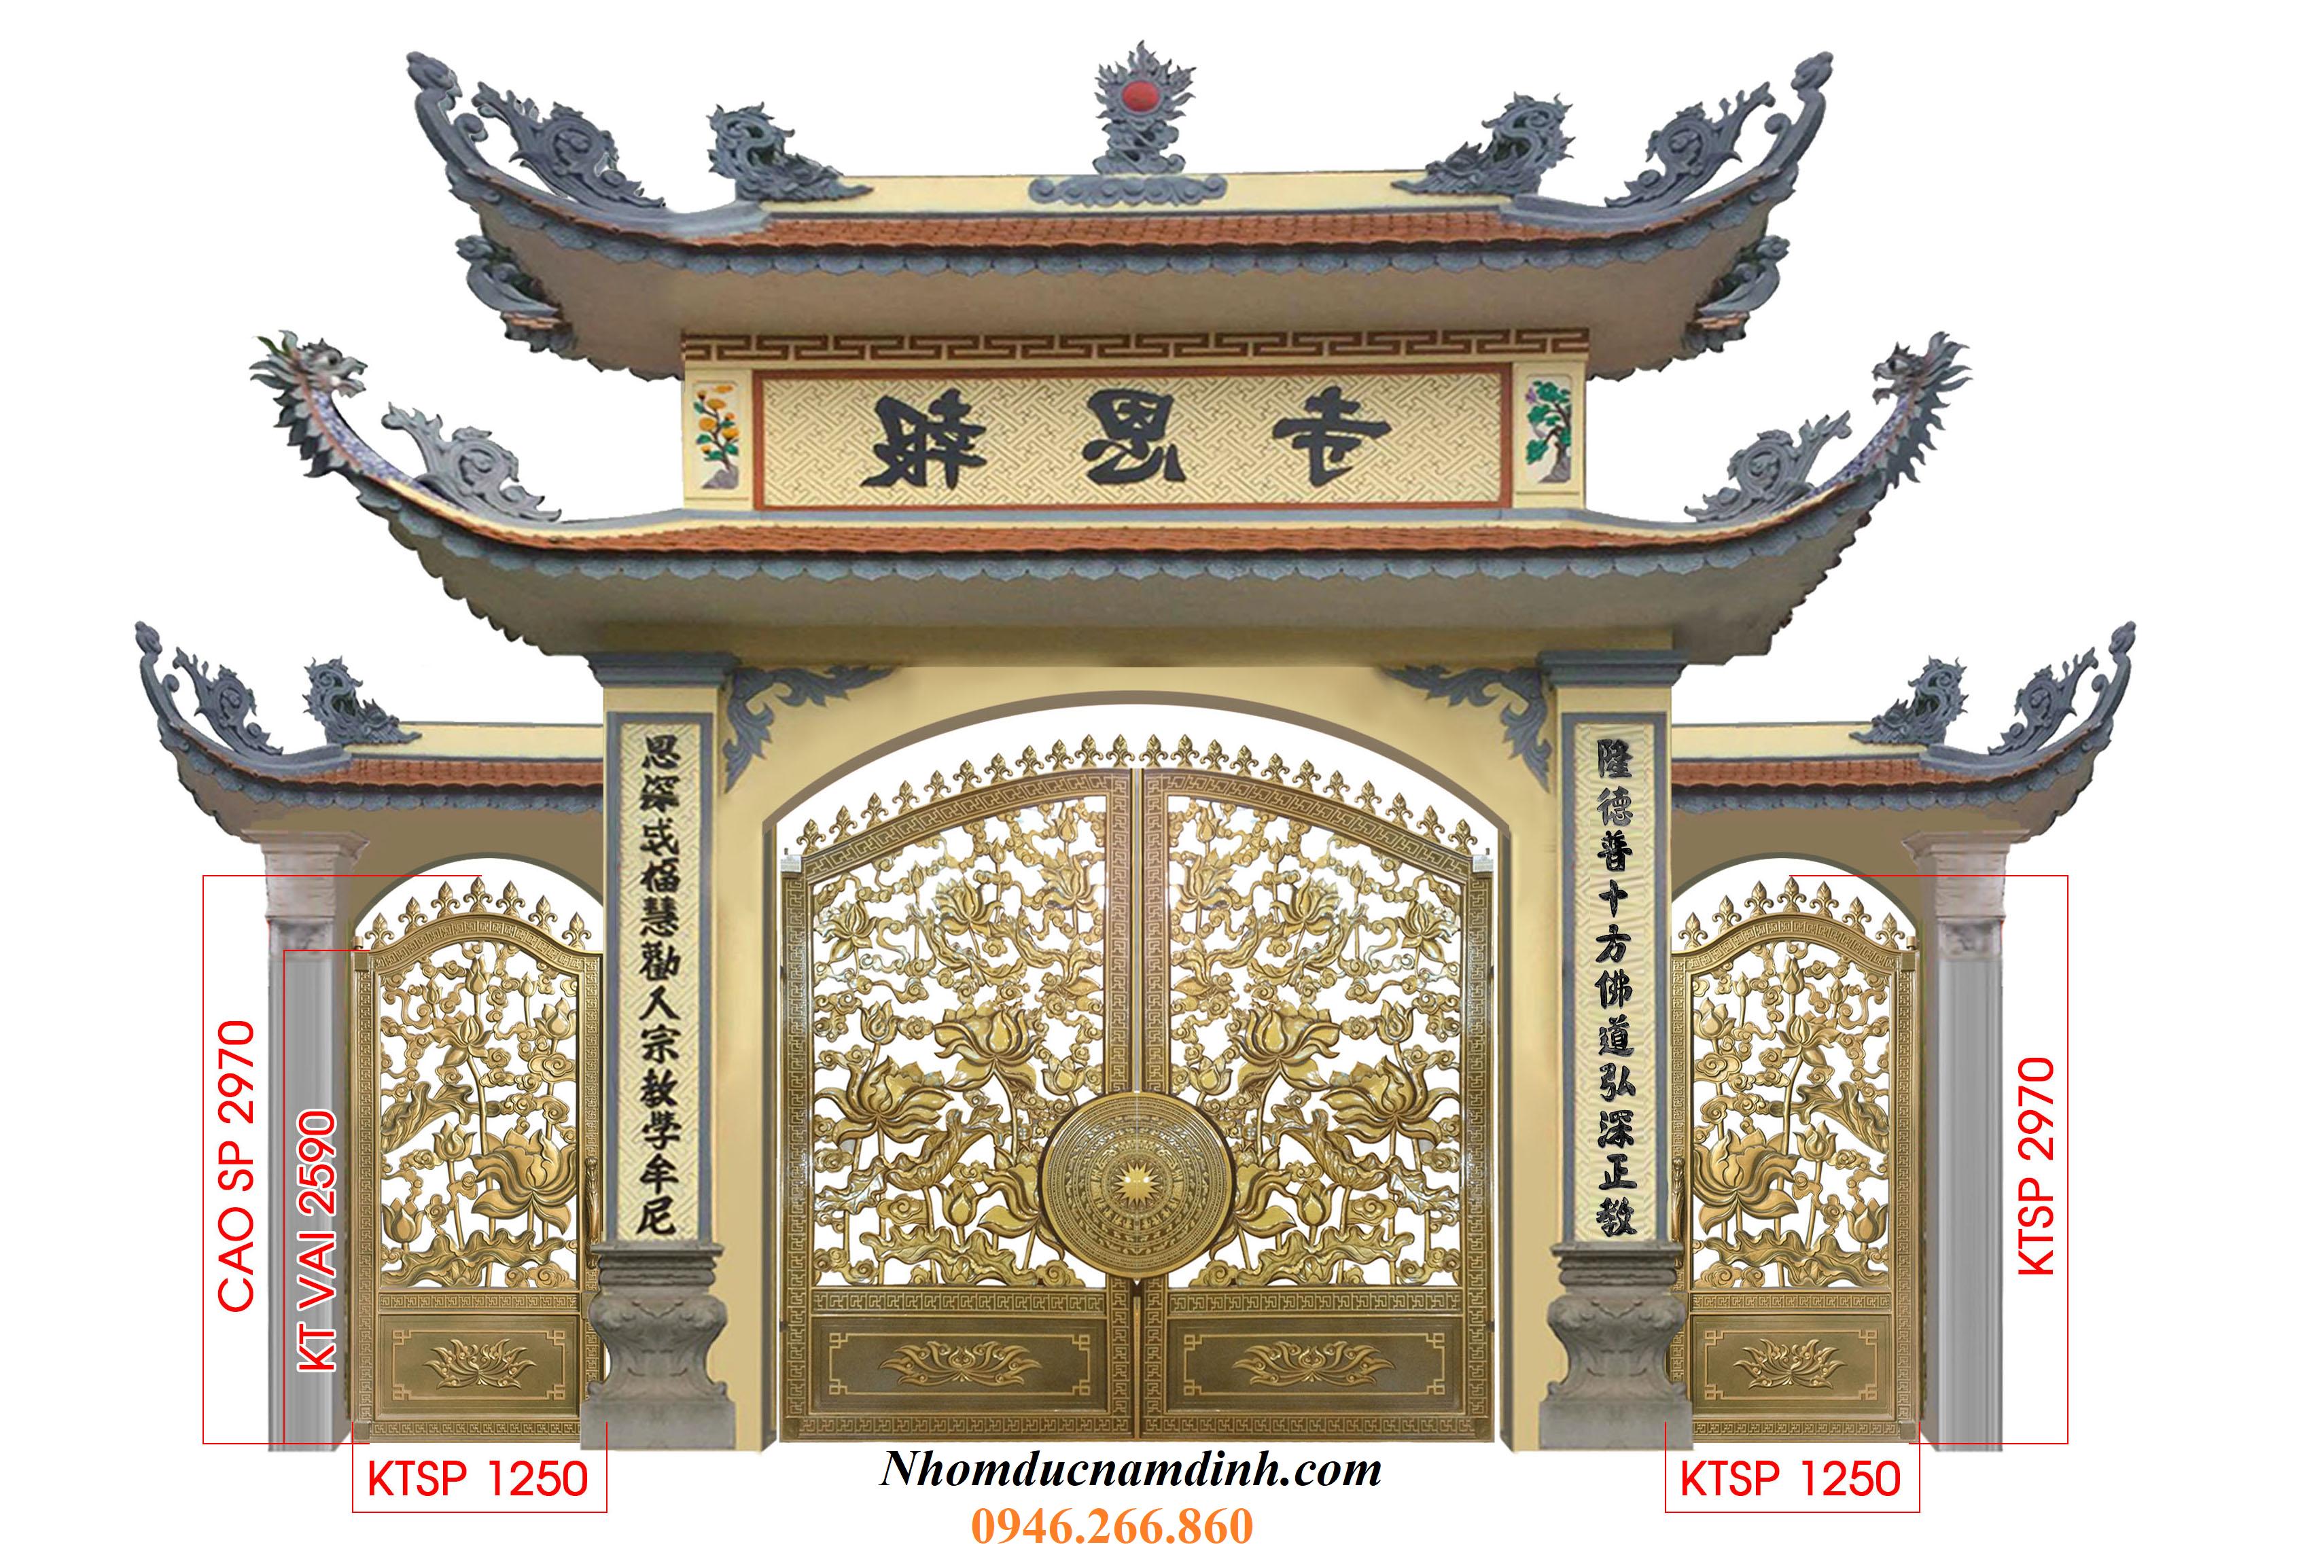 cổng chùa nhôm đúc 4